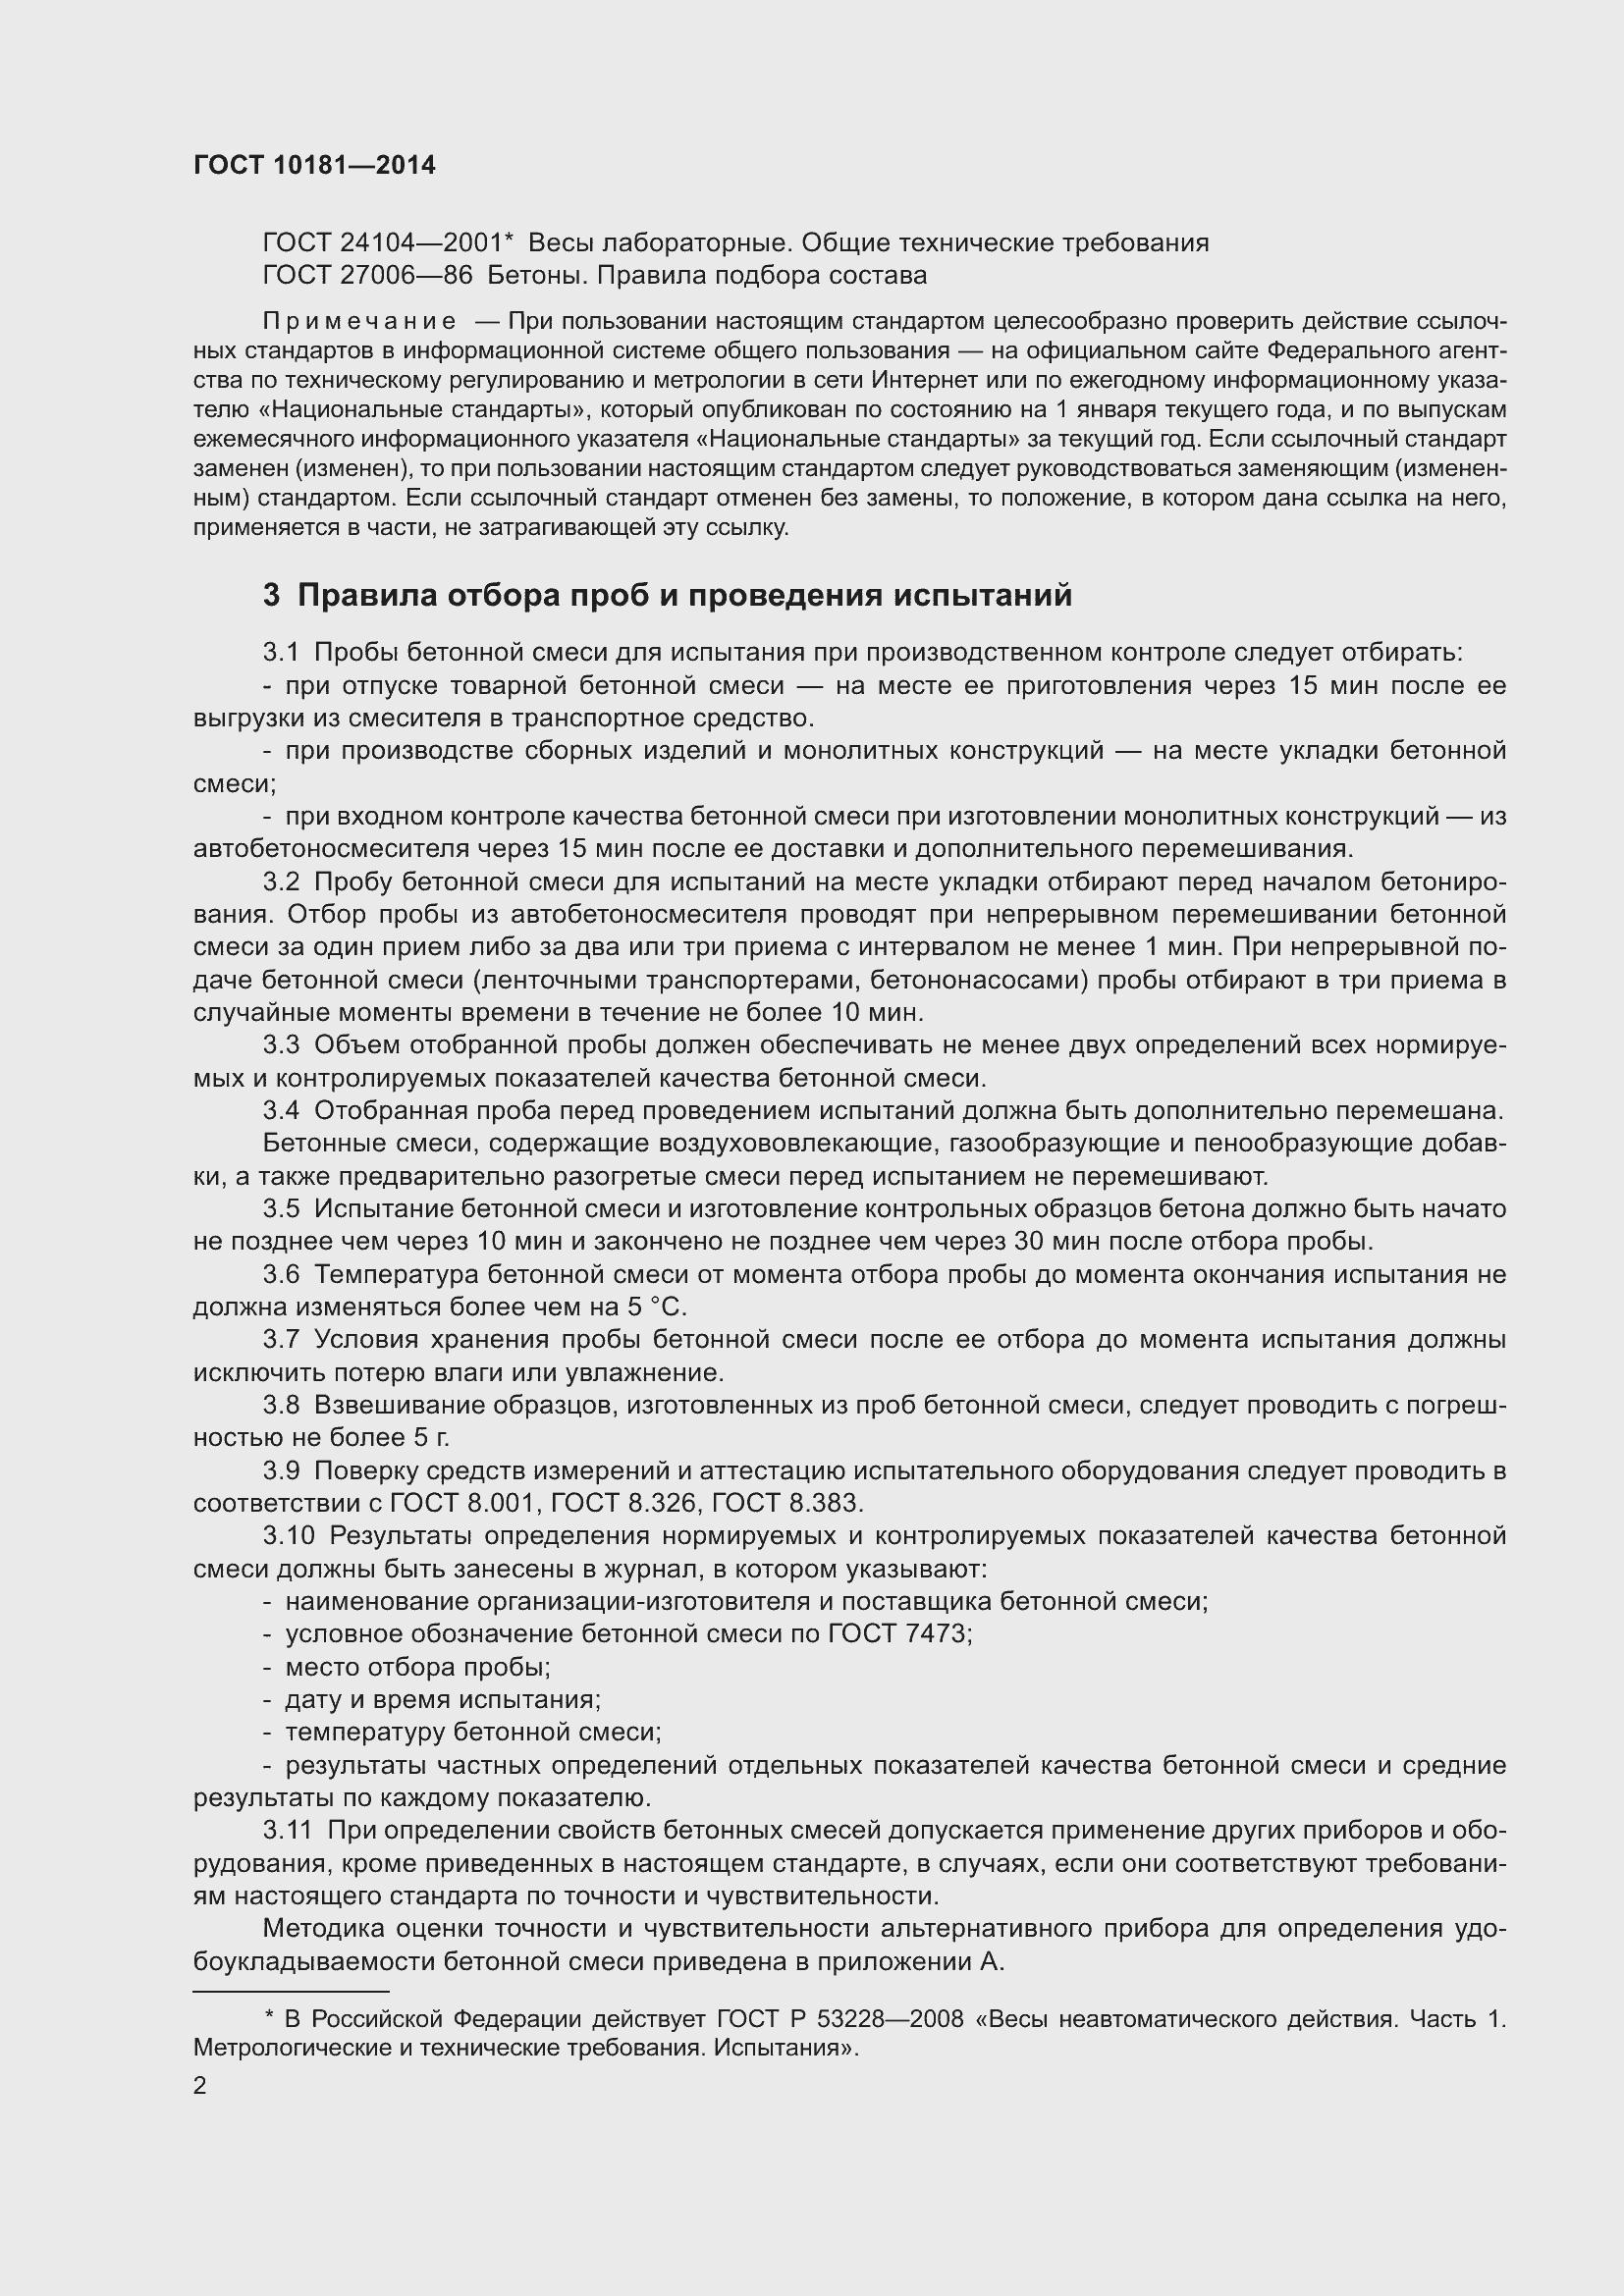 Определение подвижности бетонной смеси гост 10181 бетон асфальт купить в